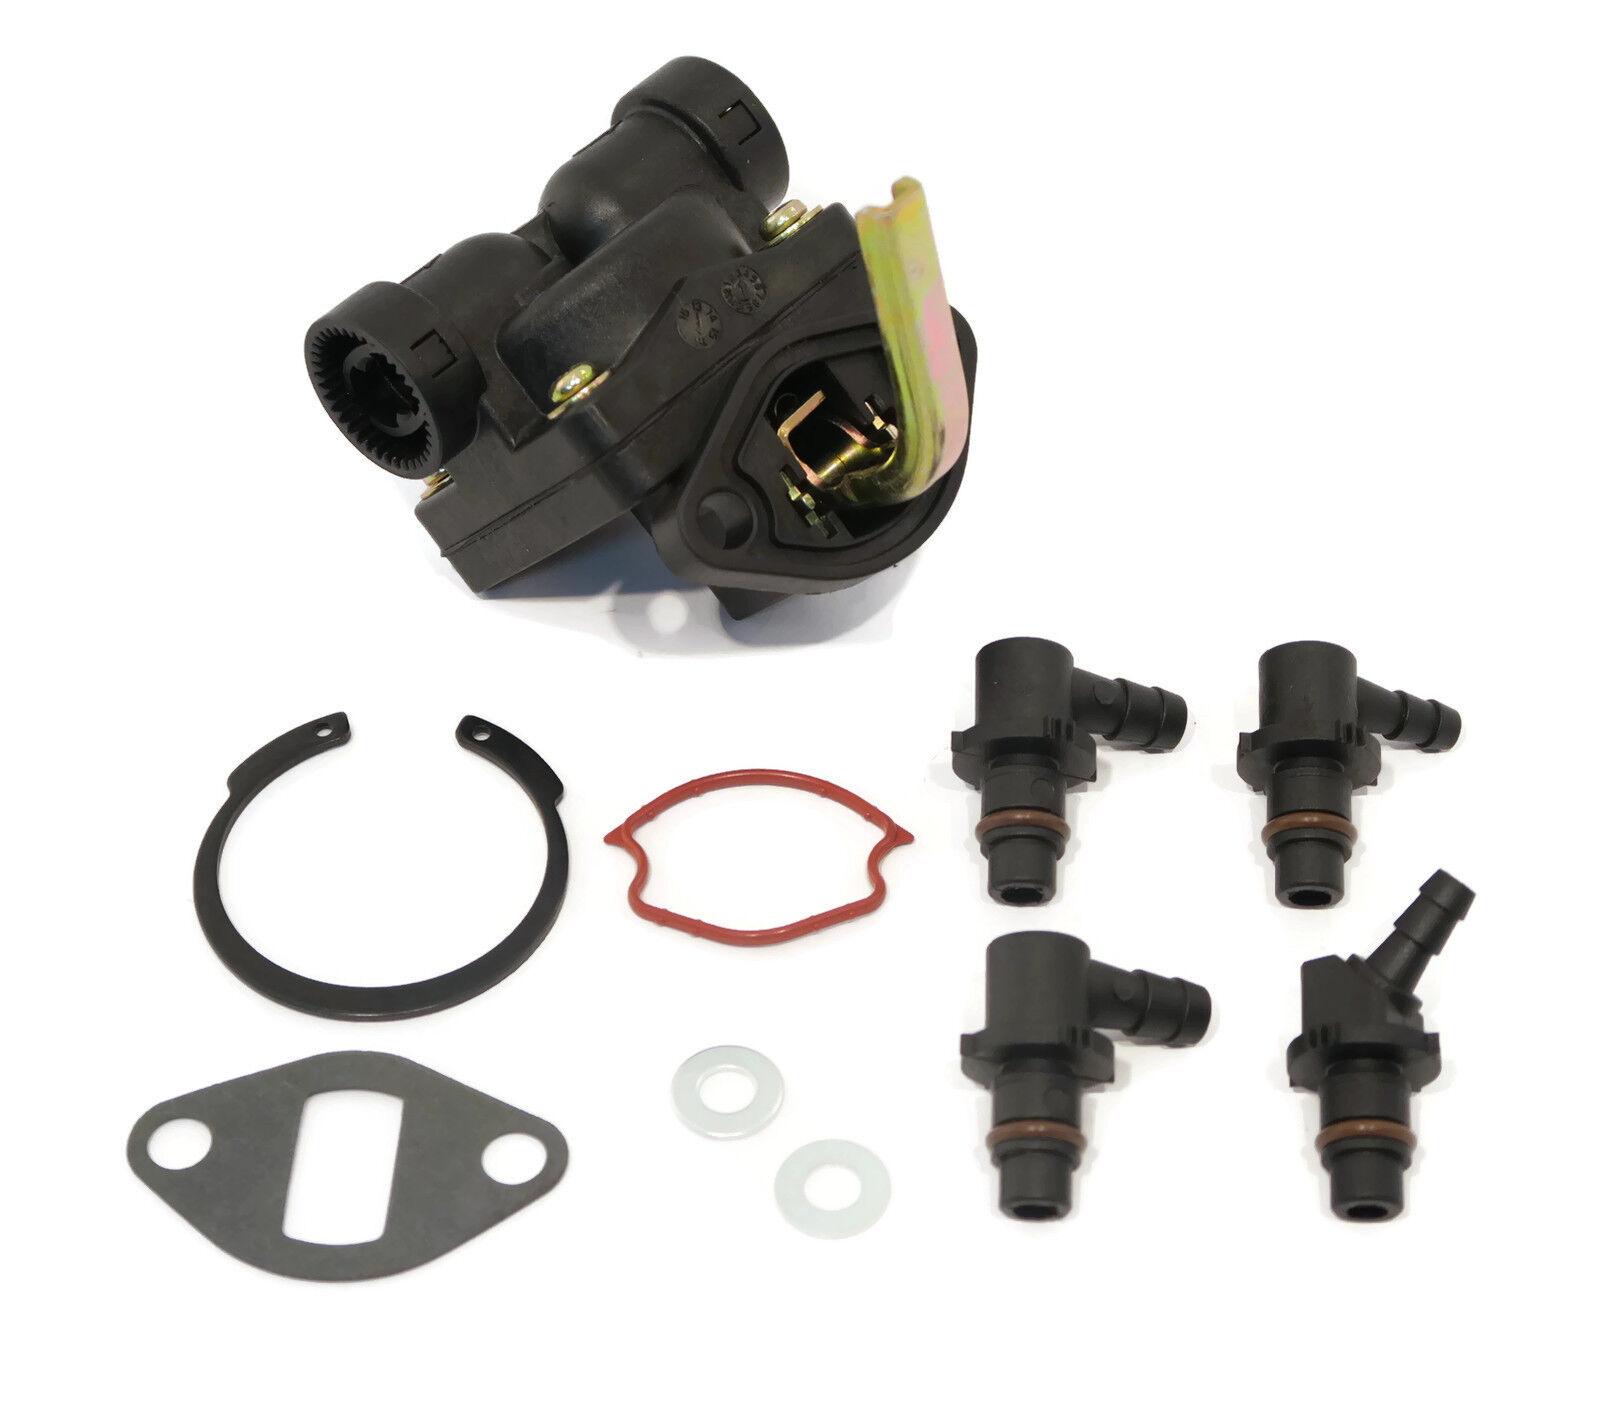 New FUEL PUMP for Kohler KSeries K241 K301 K321 K341 10 12 14 – Kohler K321 Engine Diagram S